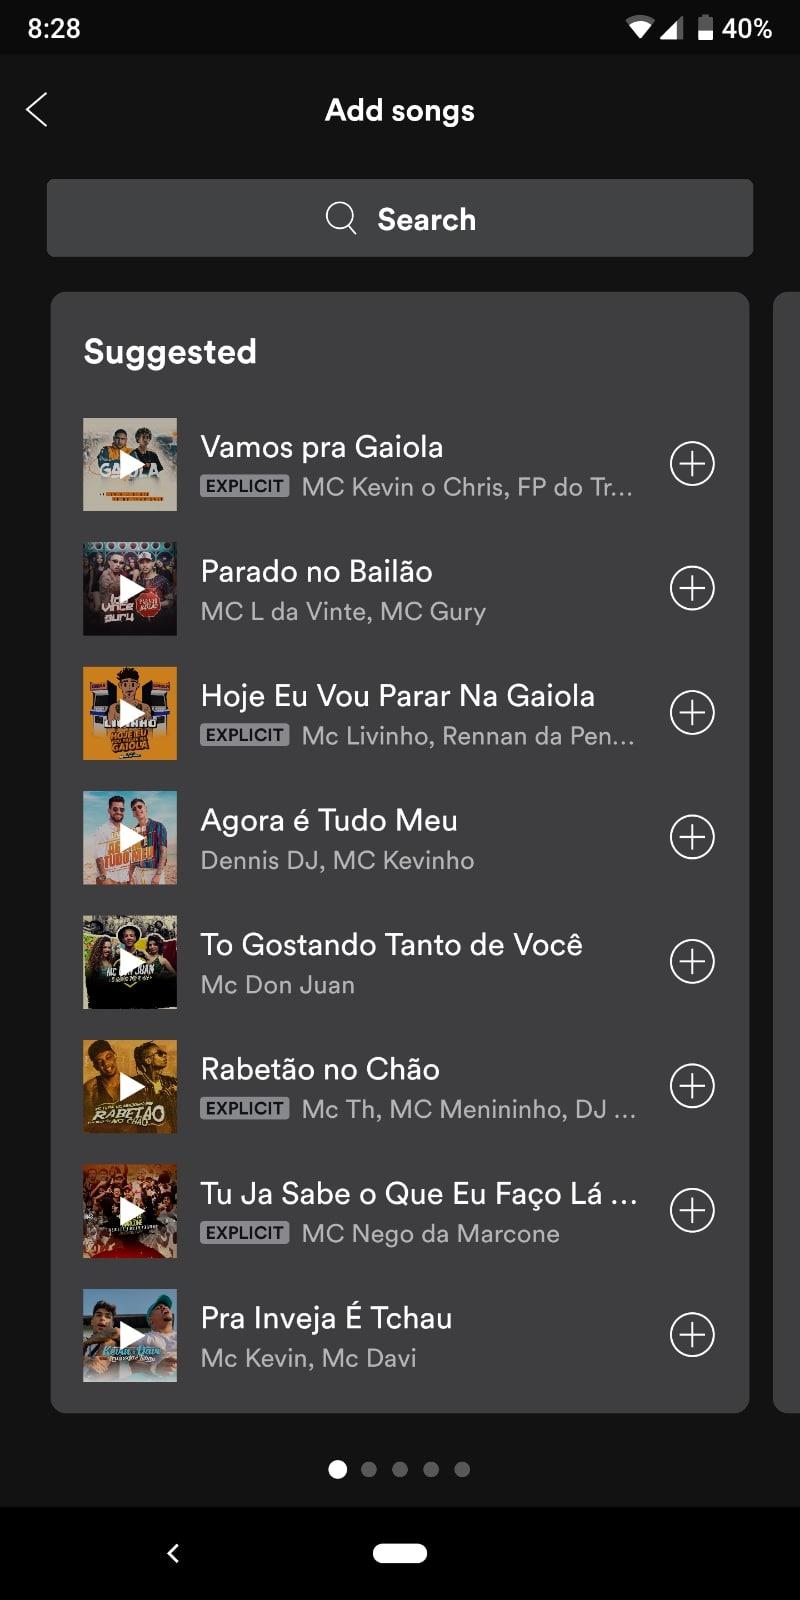 A Música Eu Parado No Bailão spotify in india: everything you need to know - android